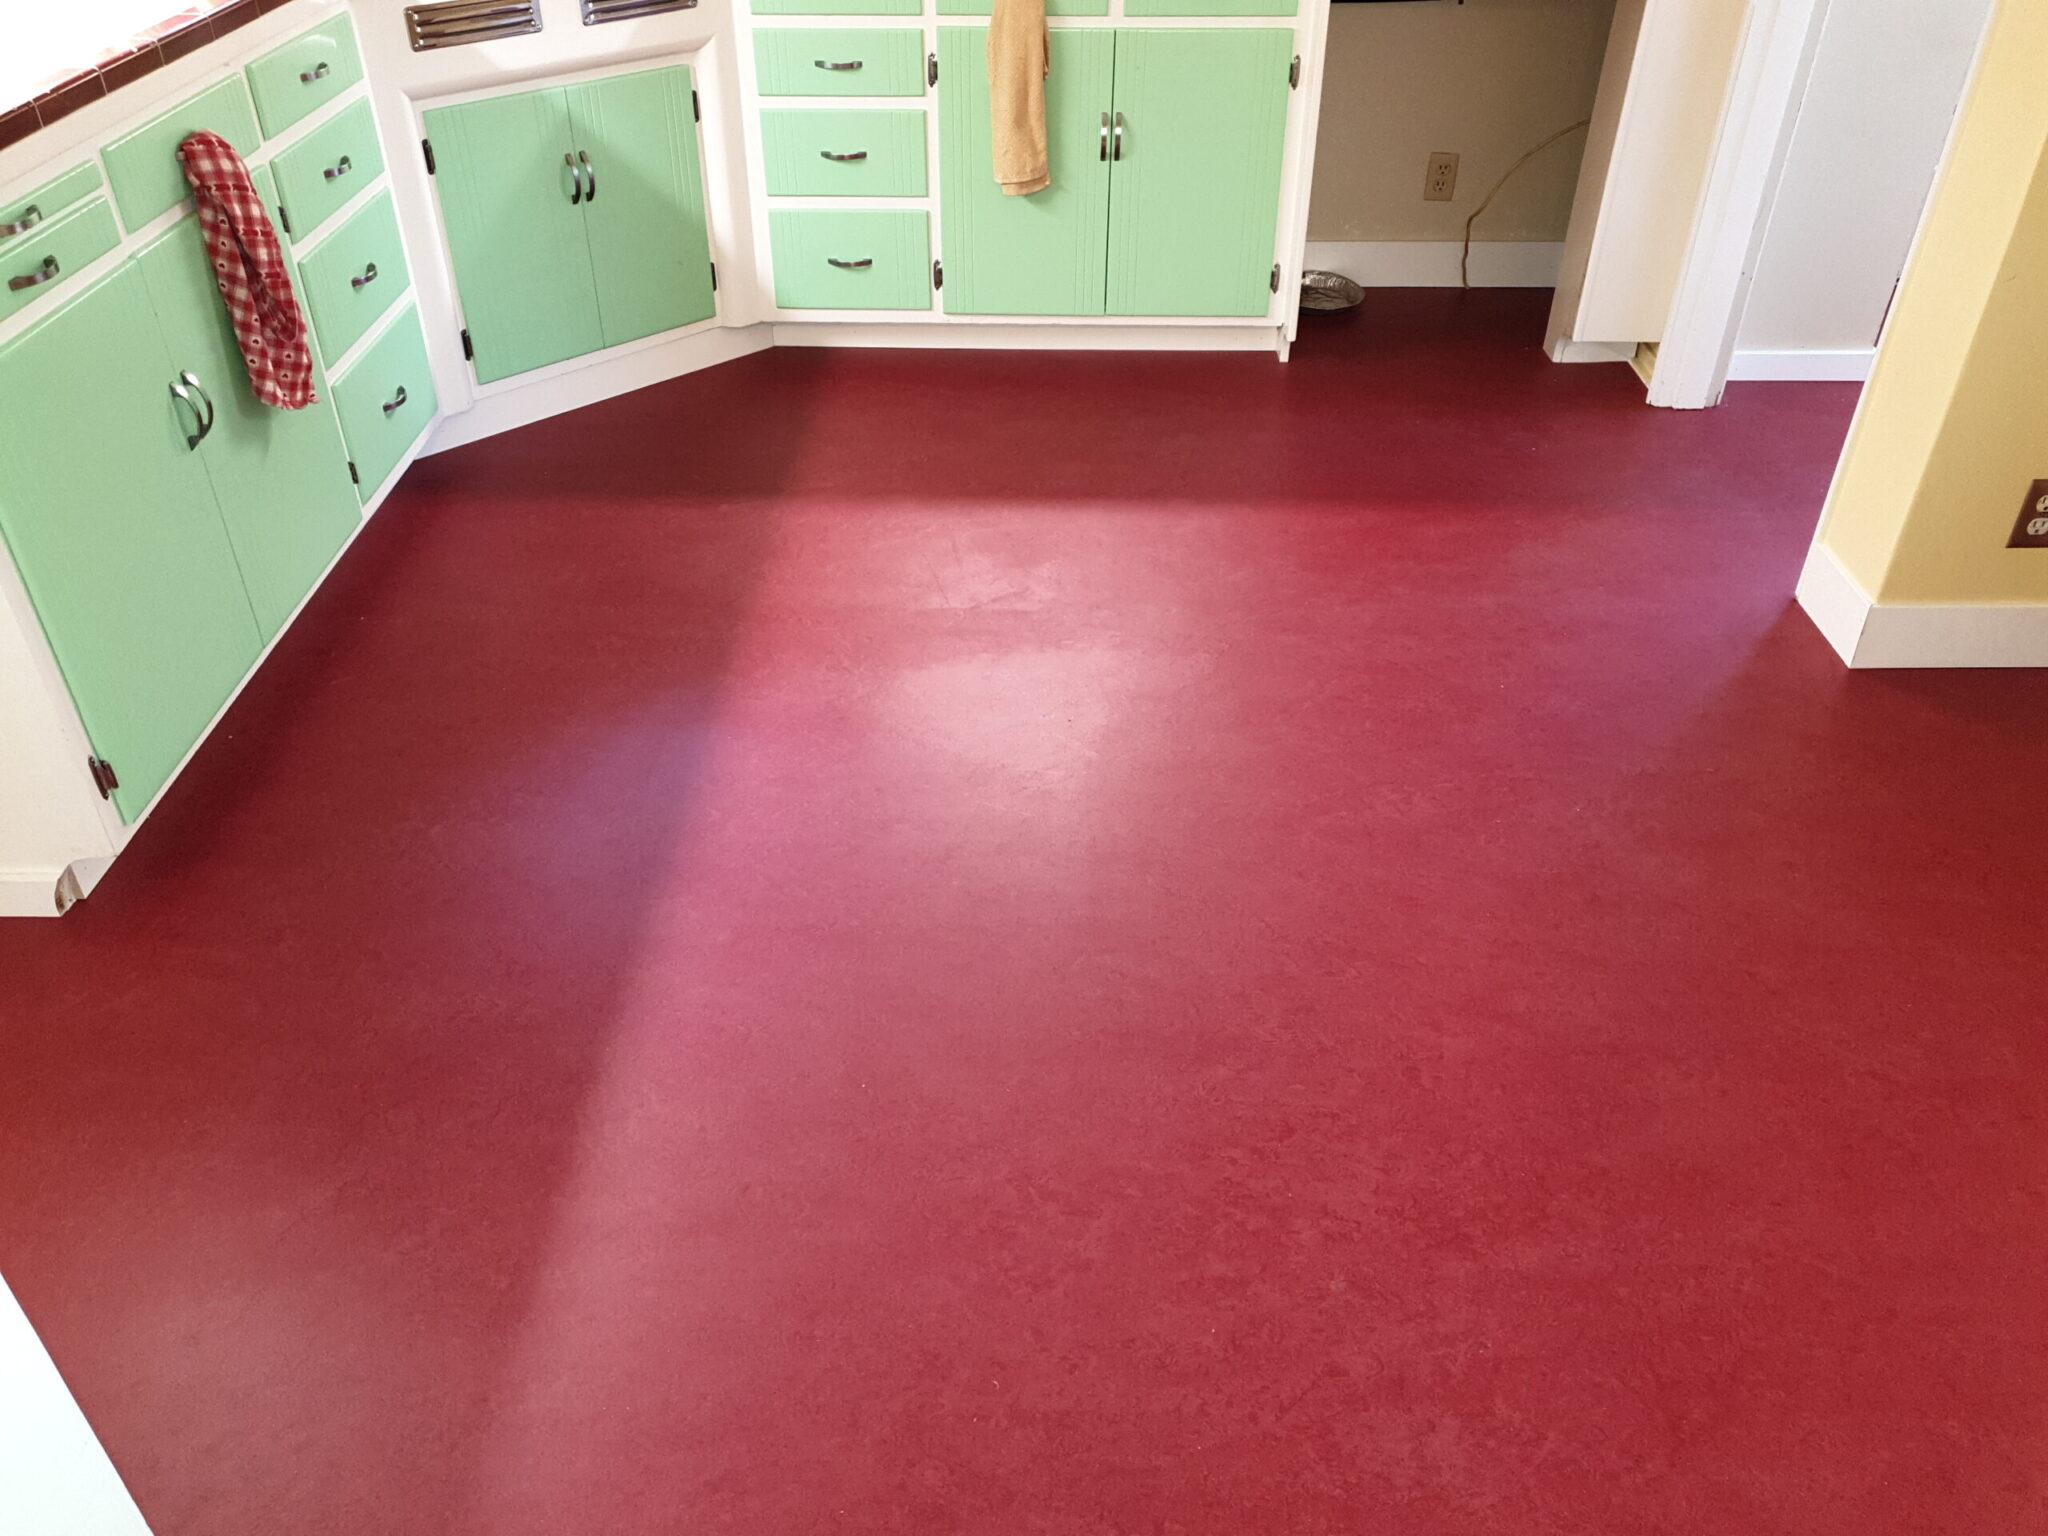 Marmoleum Linoleum Floor Burbank Area San Jose Floor View